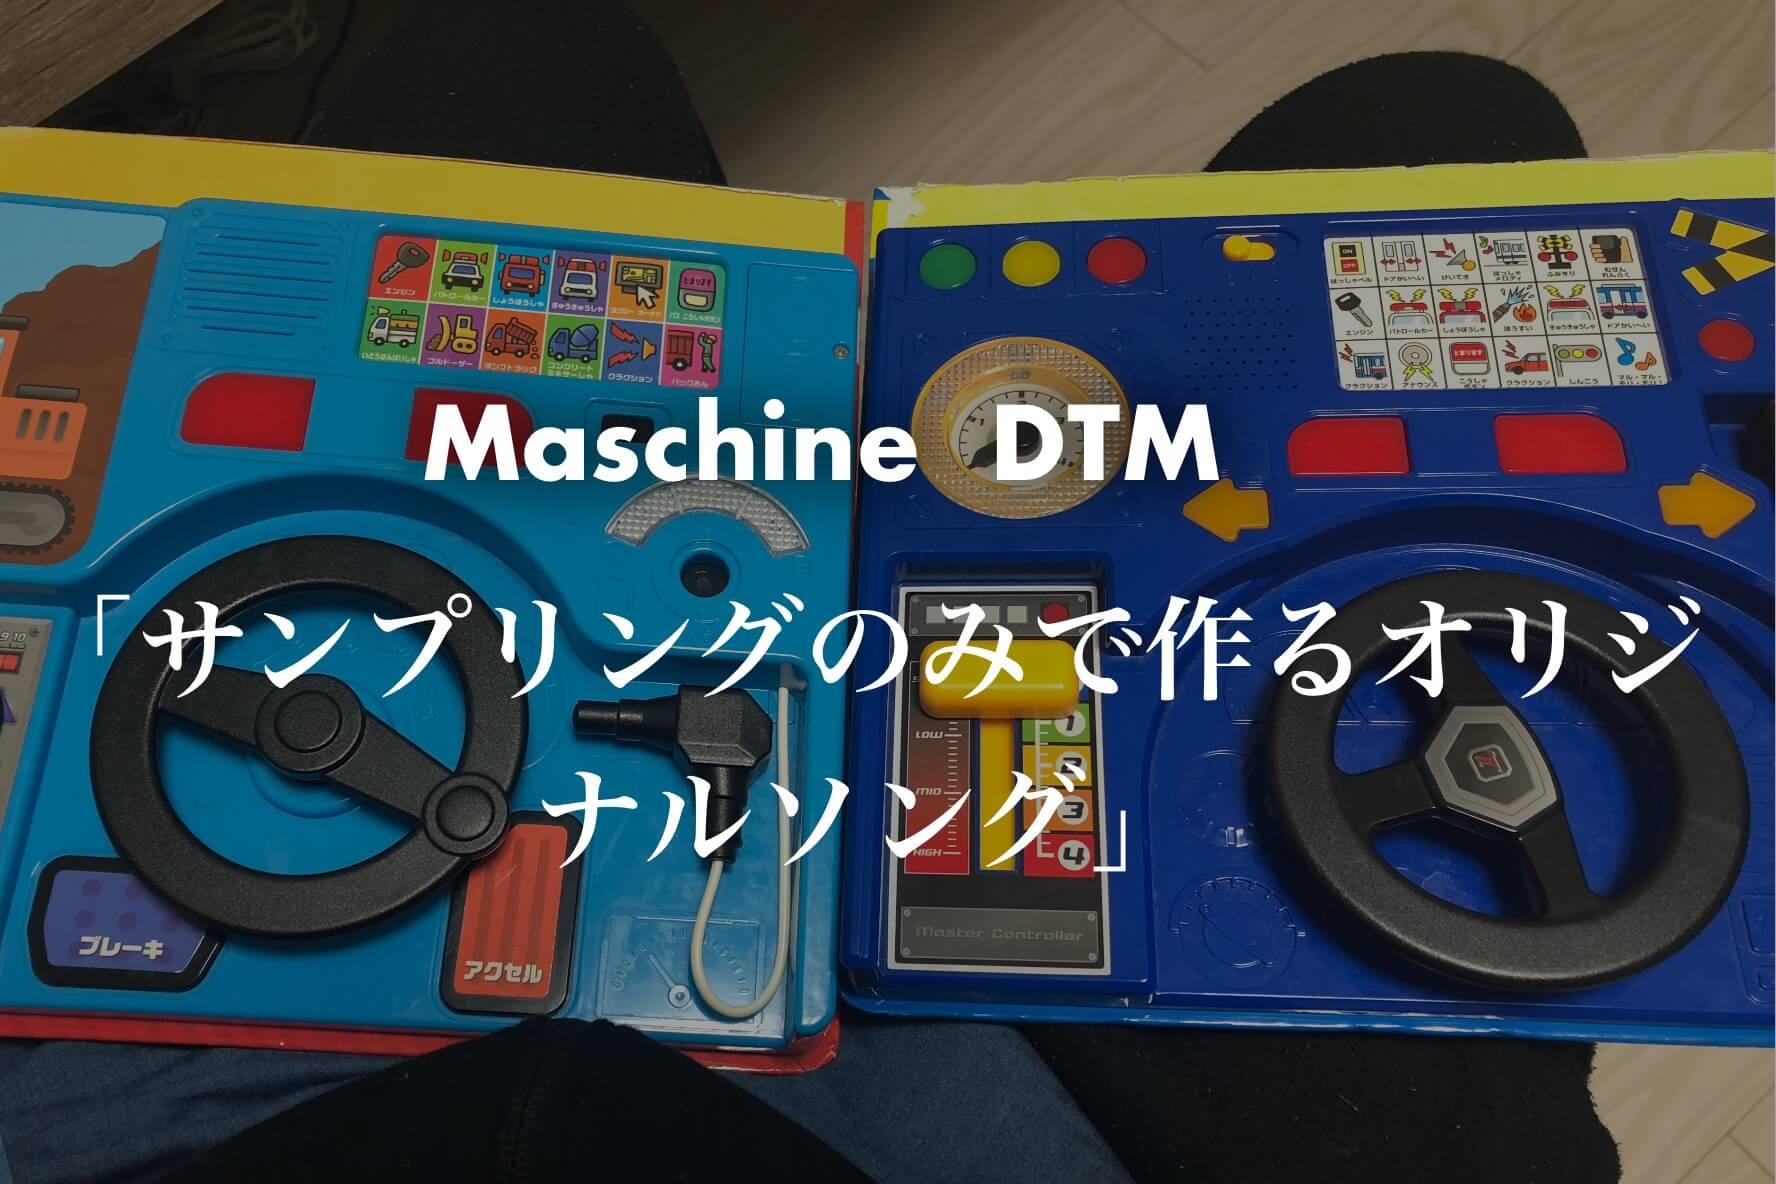 【初心者のMaschine作曲シリーズ】全てサンプリングだけで曲を作る